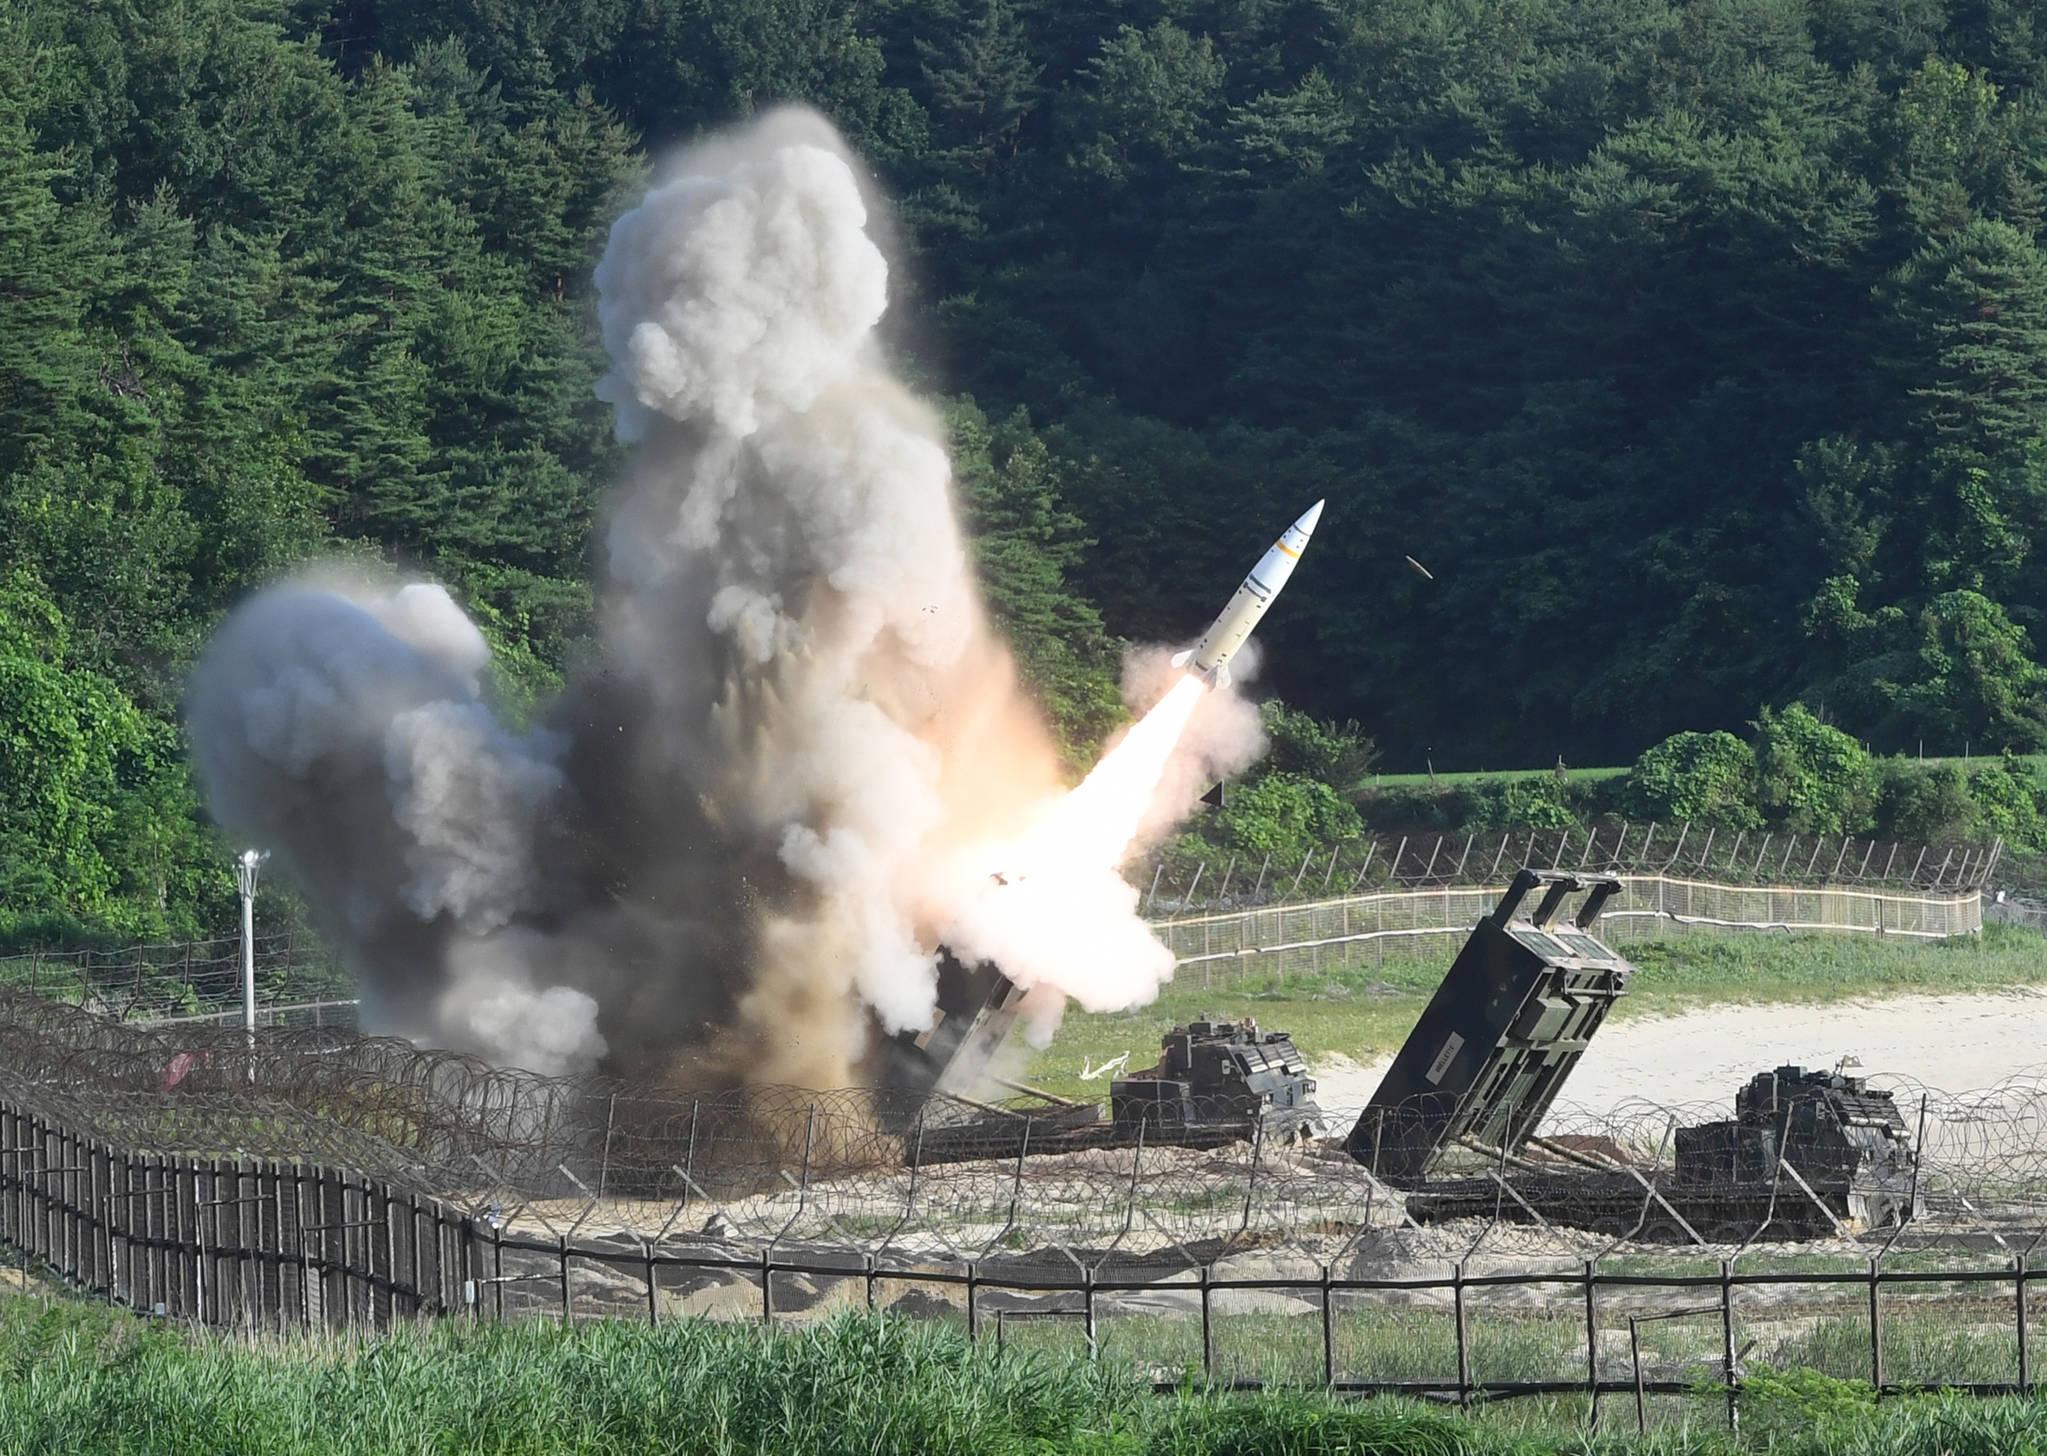 5일 오전 동해안에서 열린 한미 연합 탄도미사일 타격훈련에서 주한미군의 에이태킴스(ATACMS) 지대지미사일이 발사되고 있다.[사진 합동참모본부]